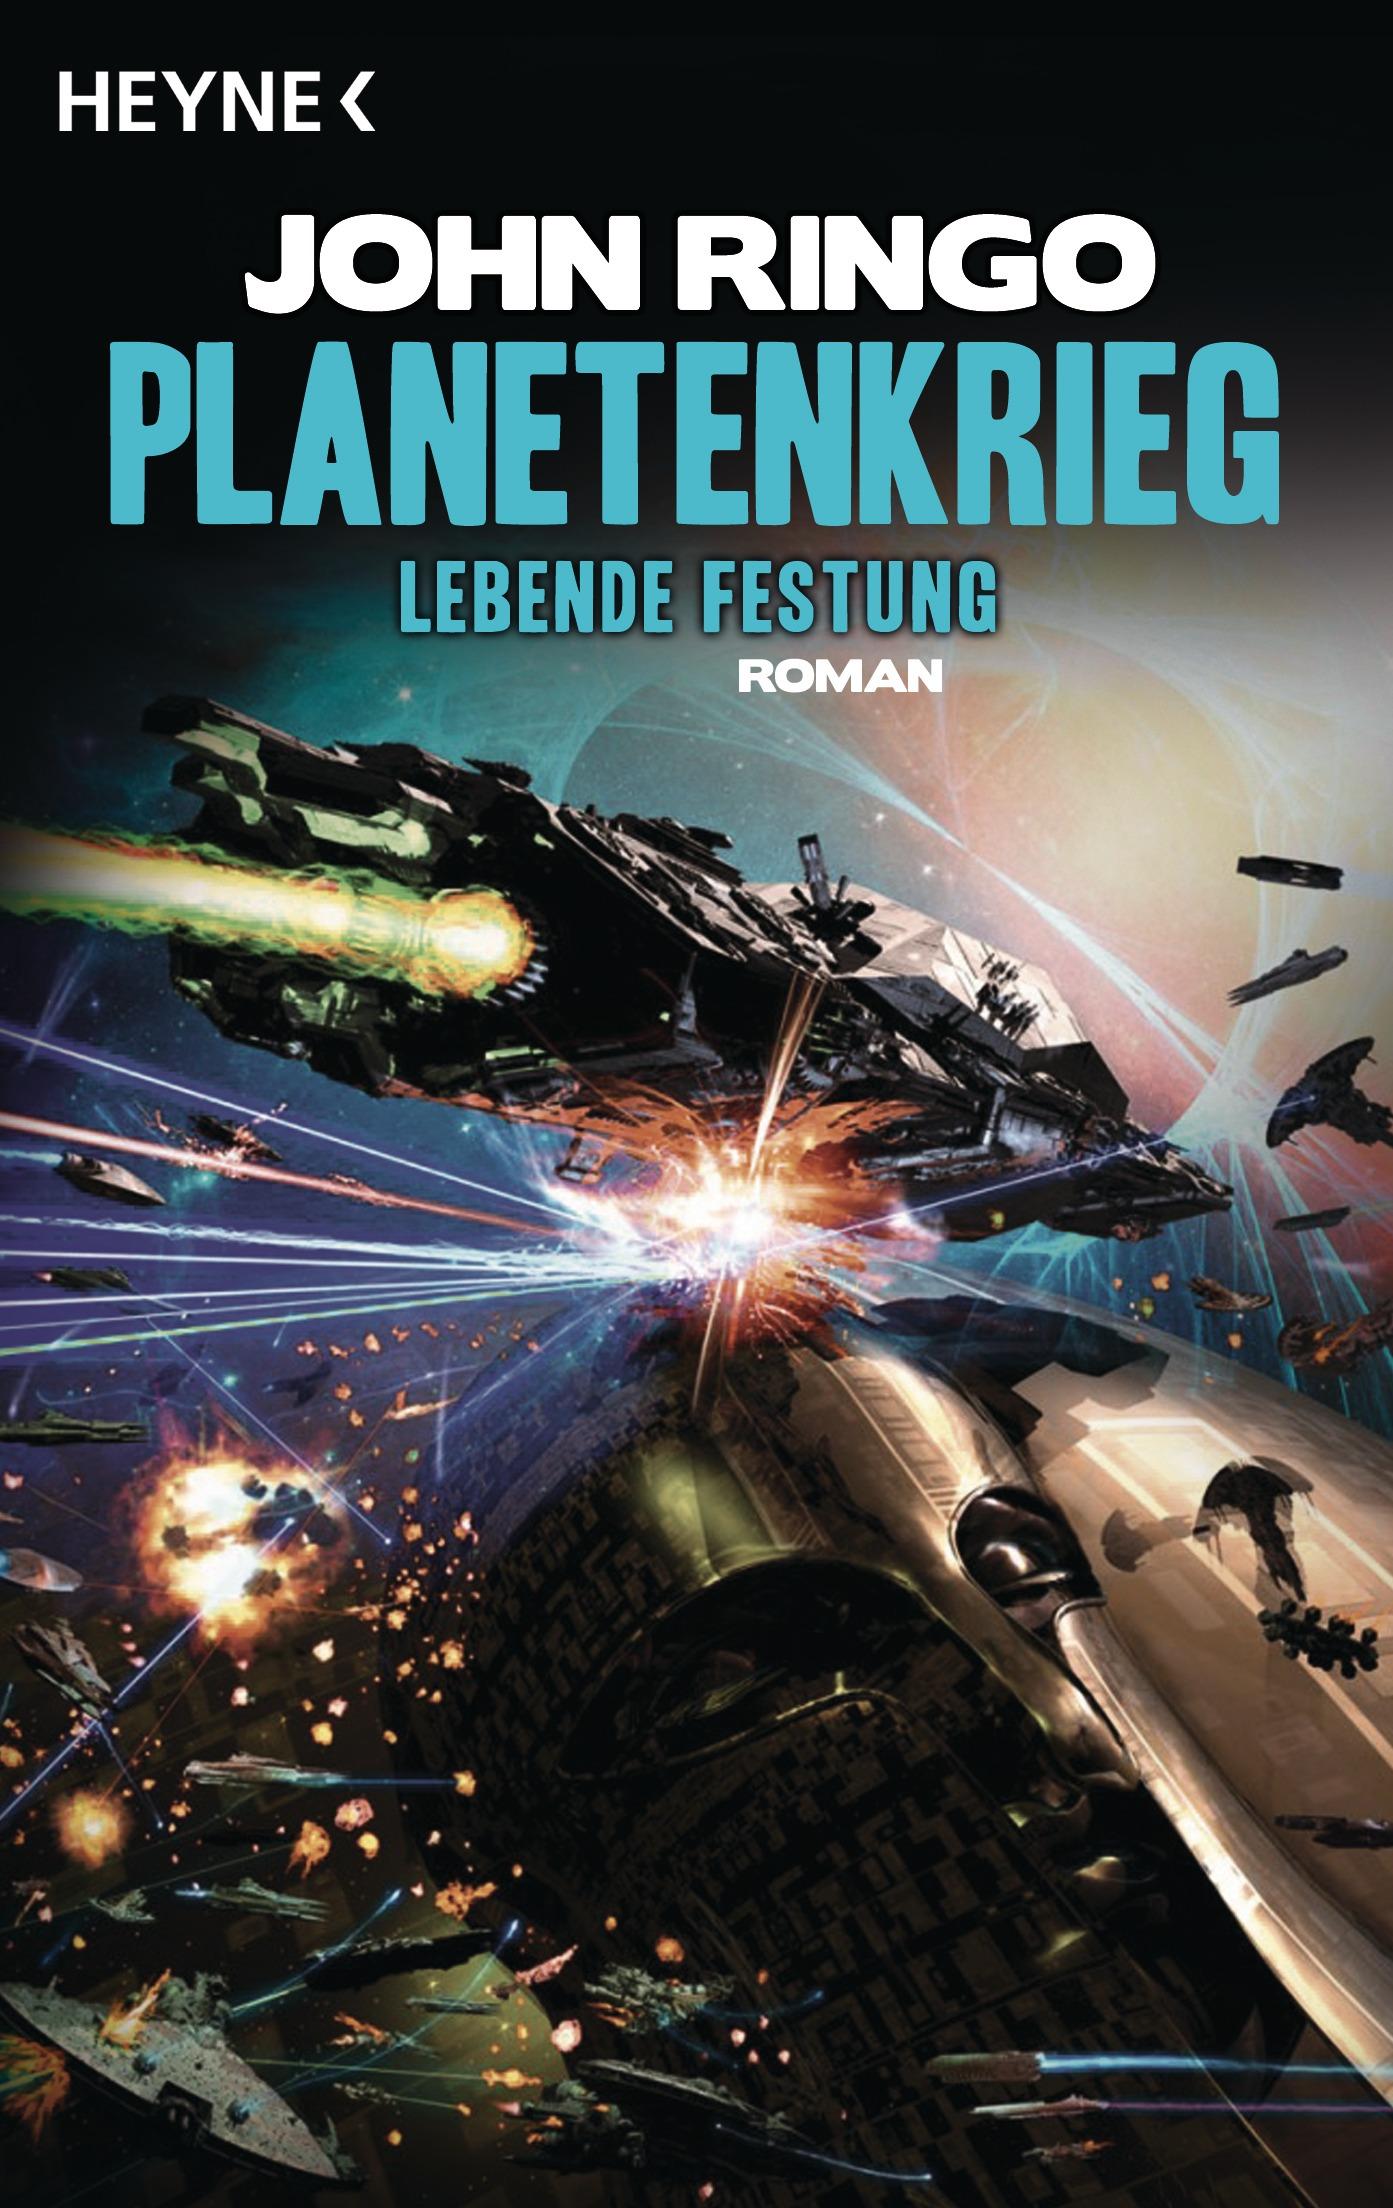 Planetenkrieg - Lebende Festung: Roman - John Ringo